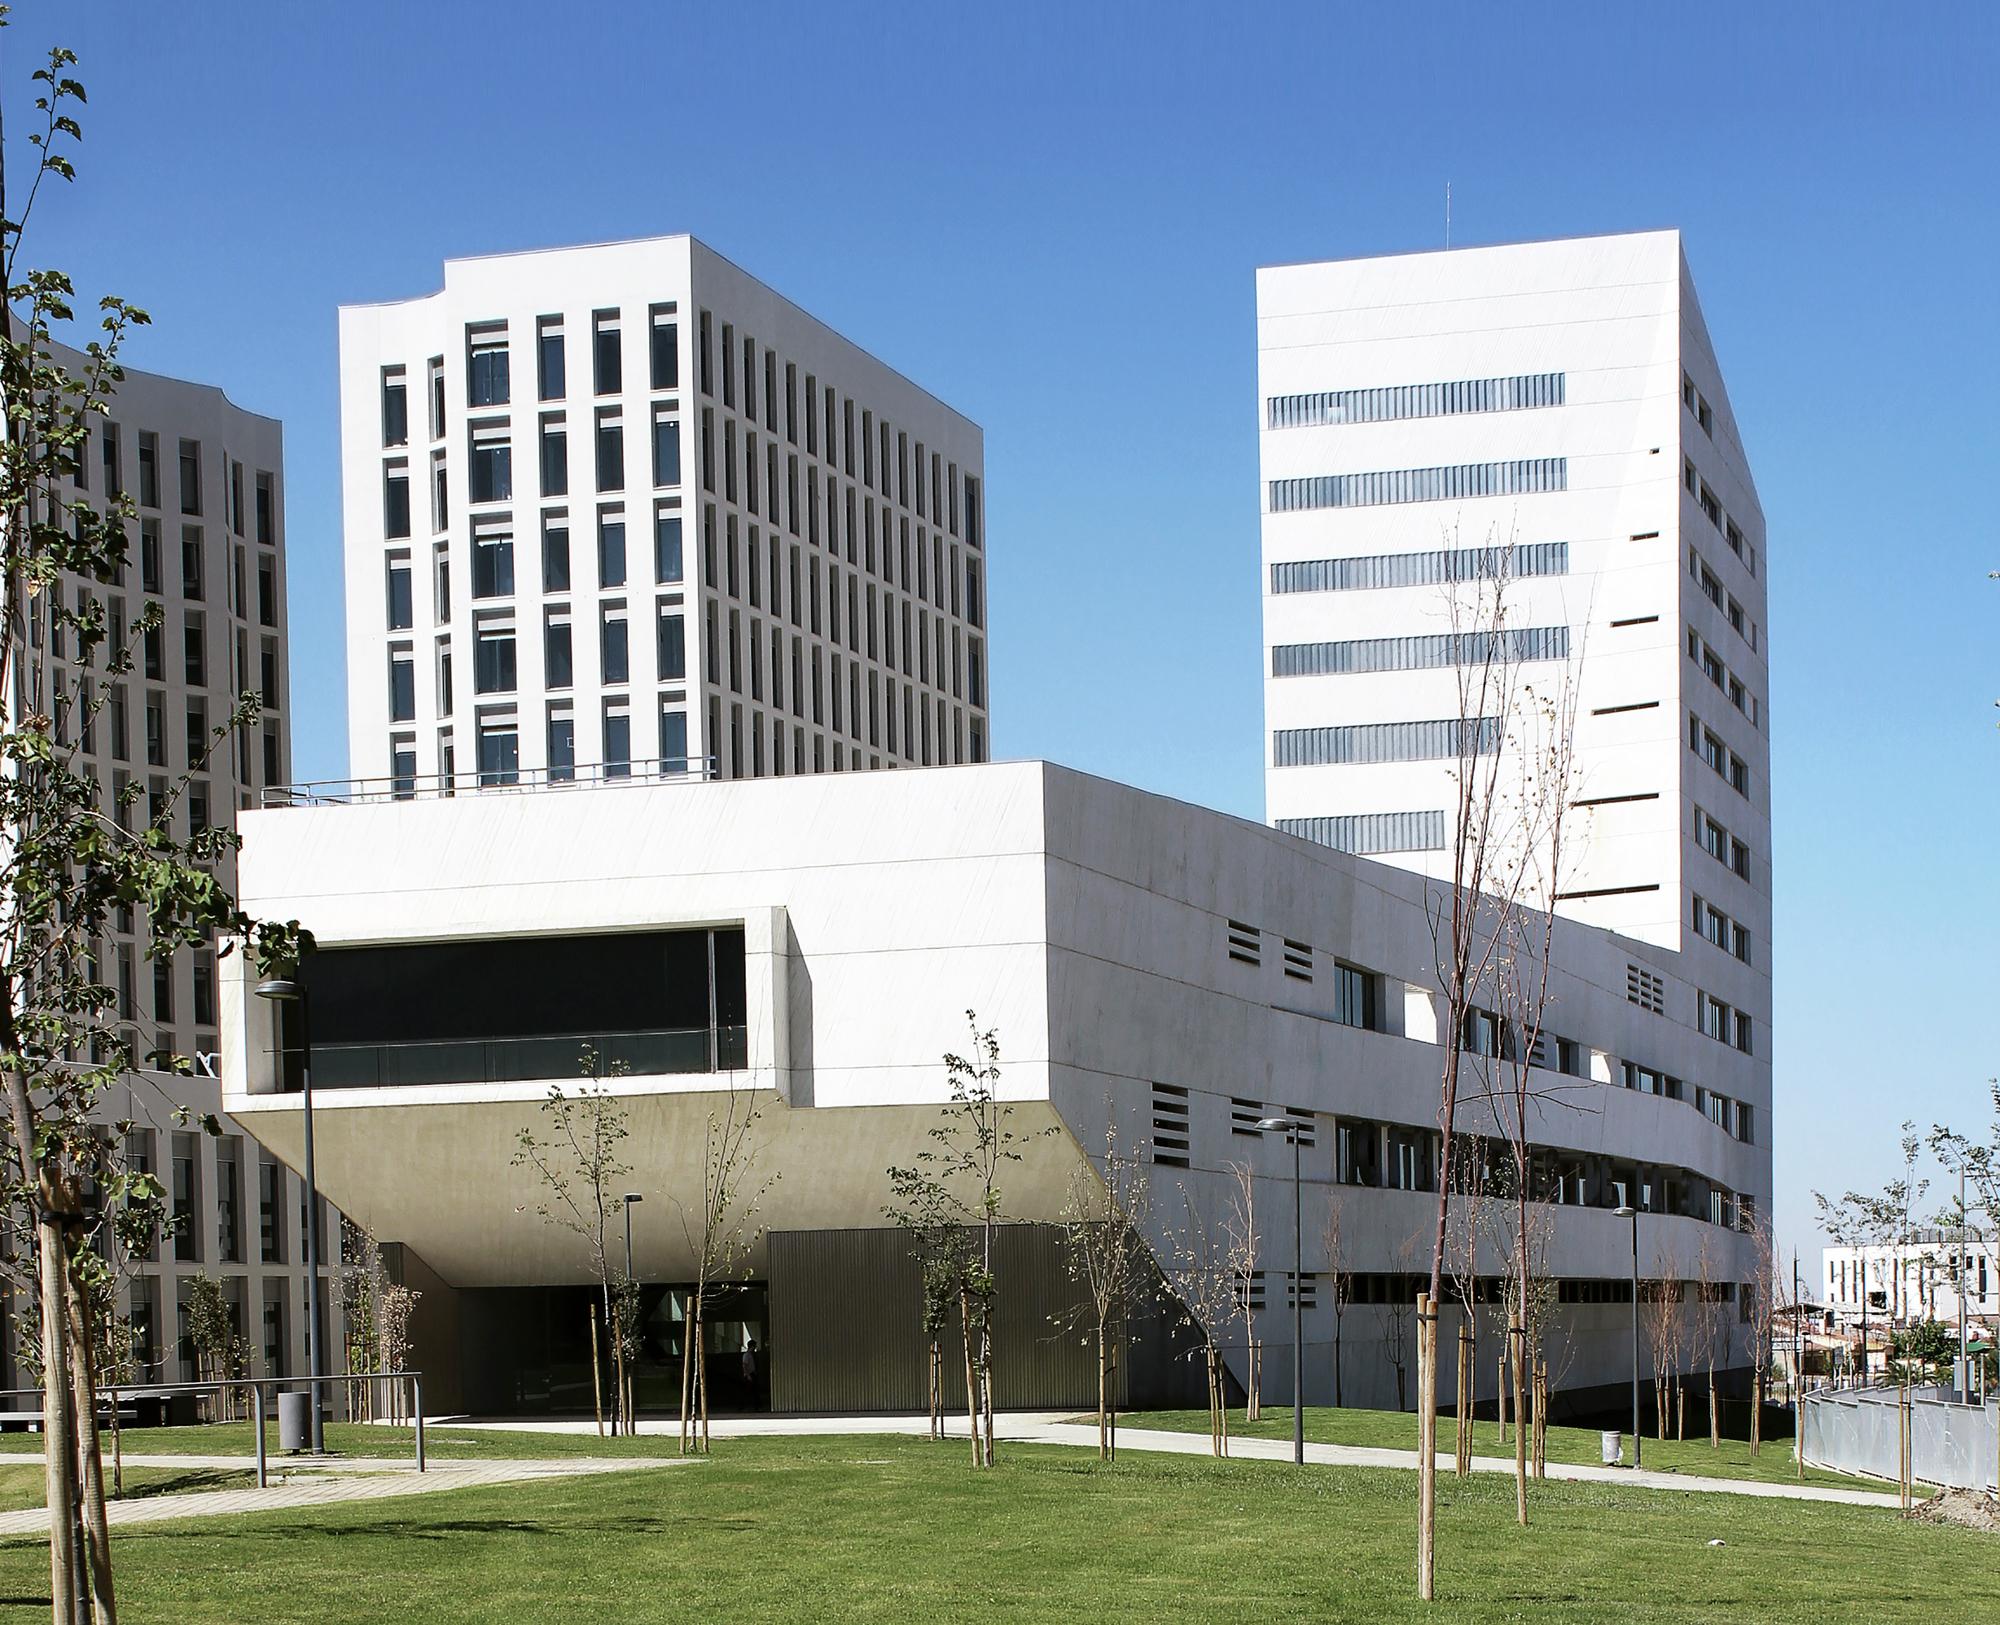 Facultad de ciencias de la salud mediomundo arquitectos for Mapa facultad de arquitectura